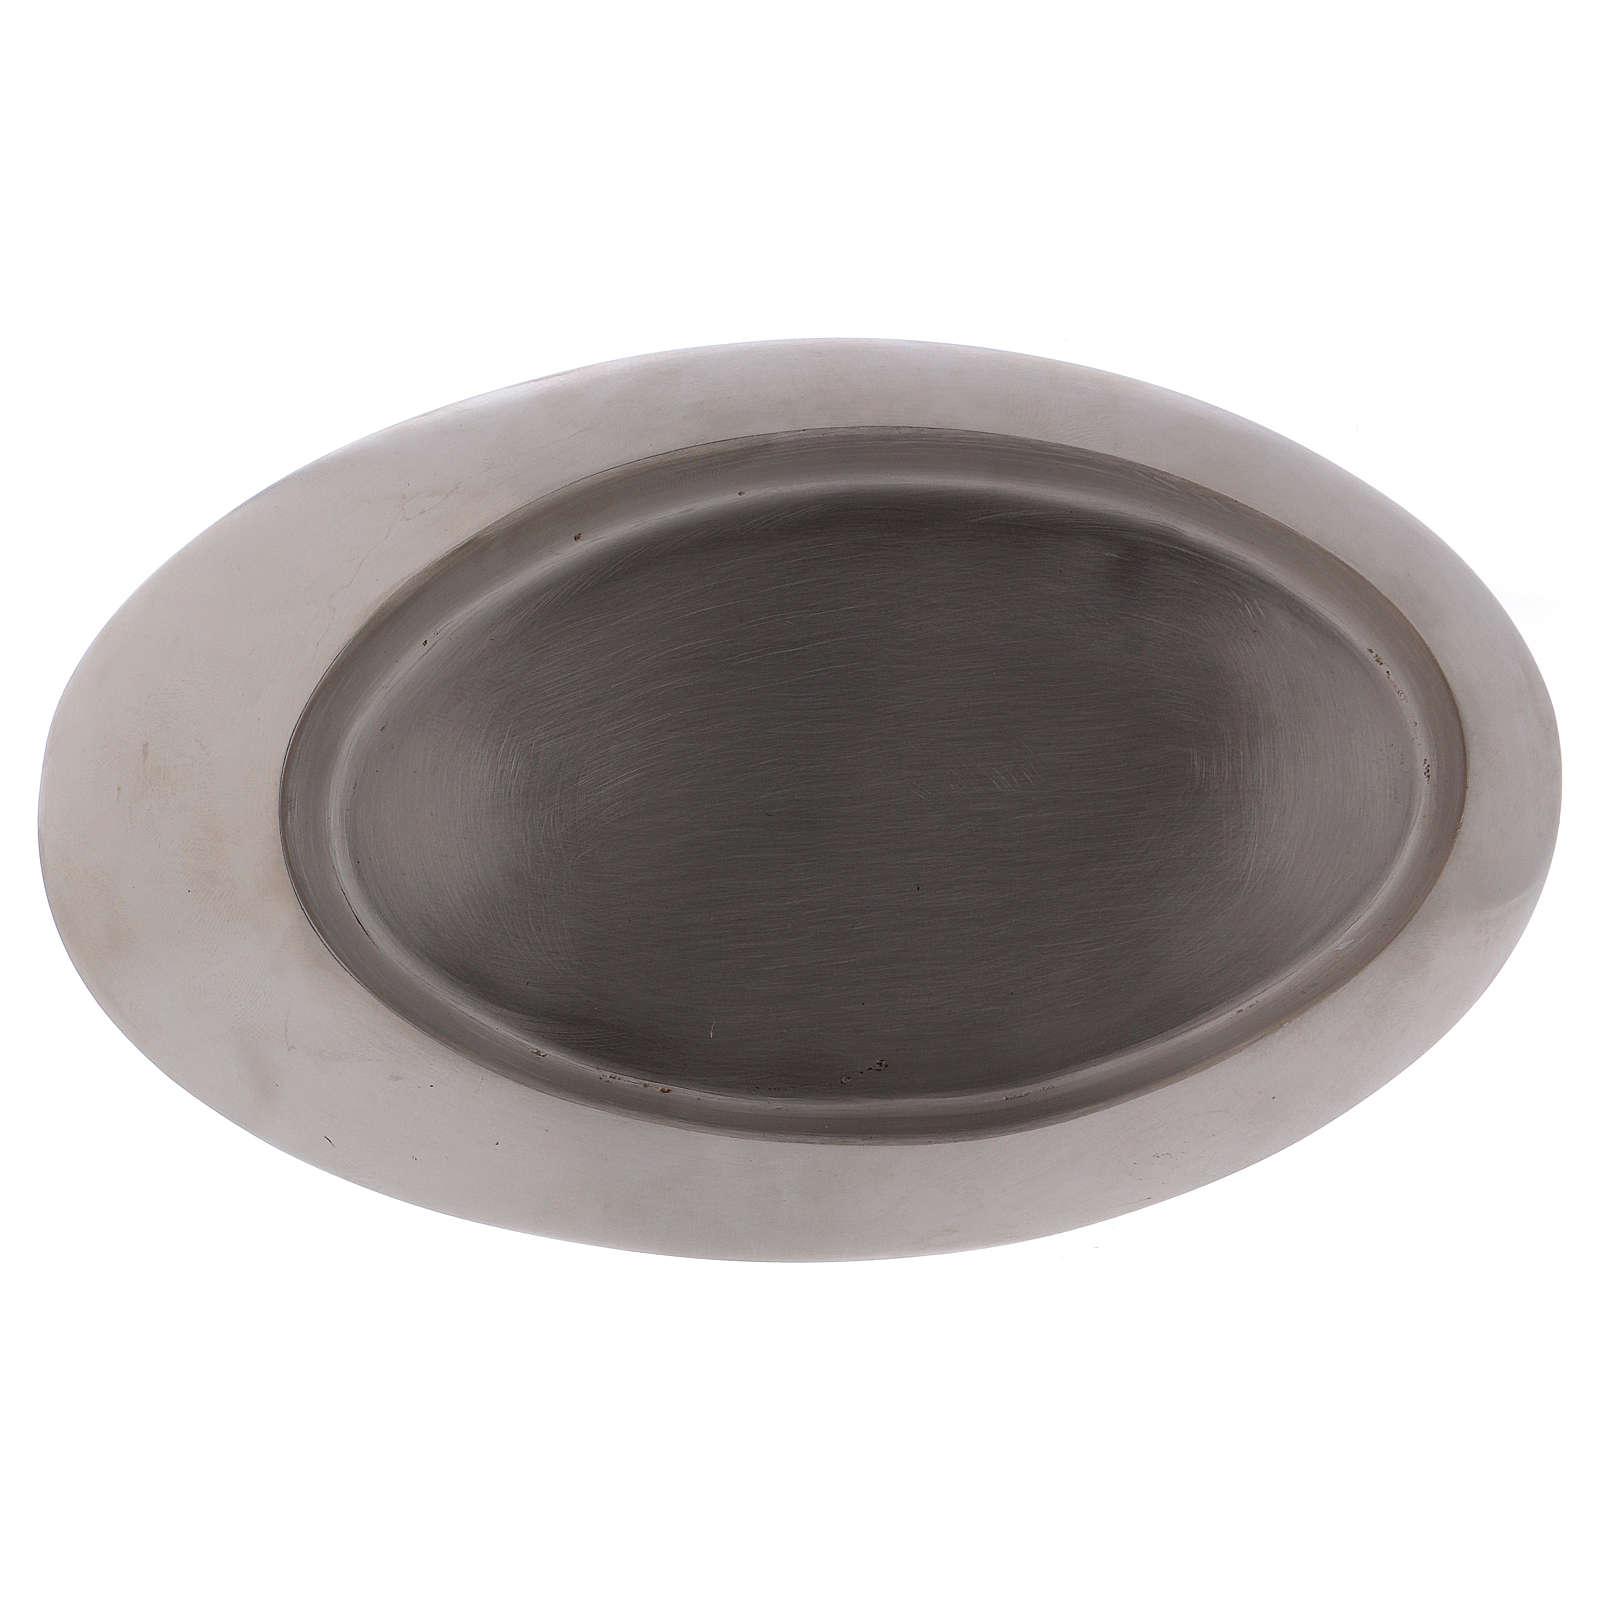 Piatto portacandele ottone argento satinato 20x11 cm 4